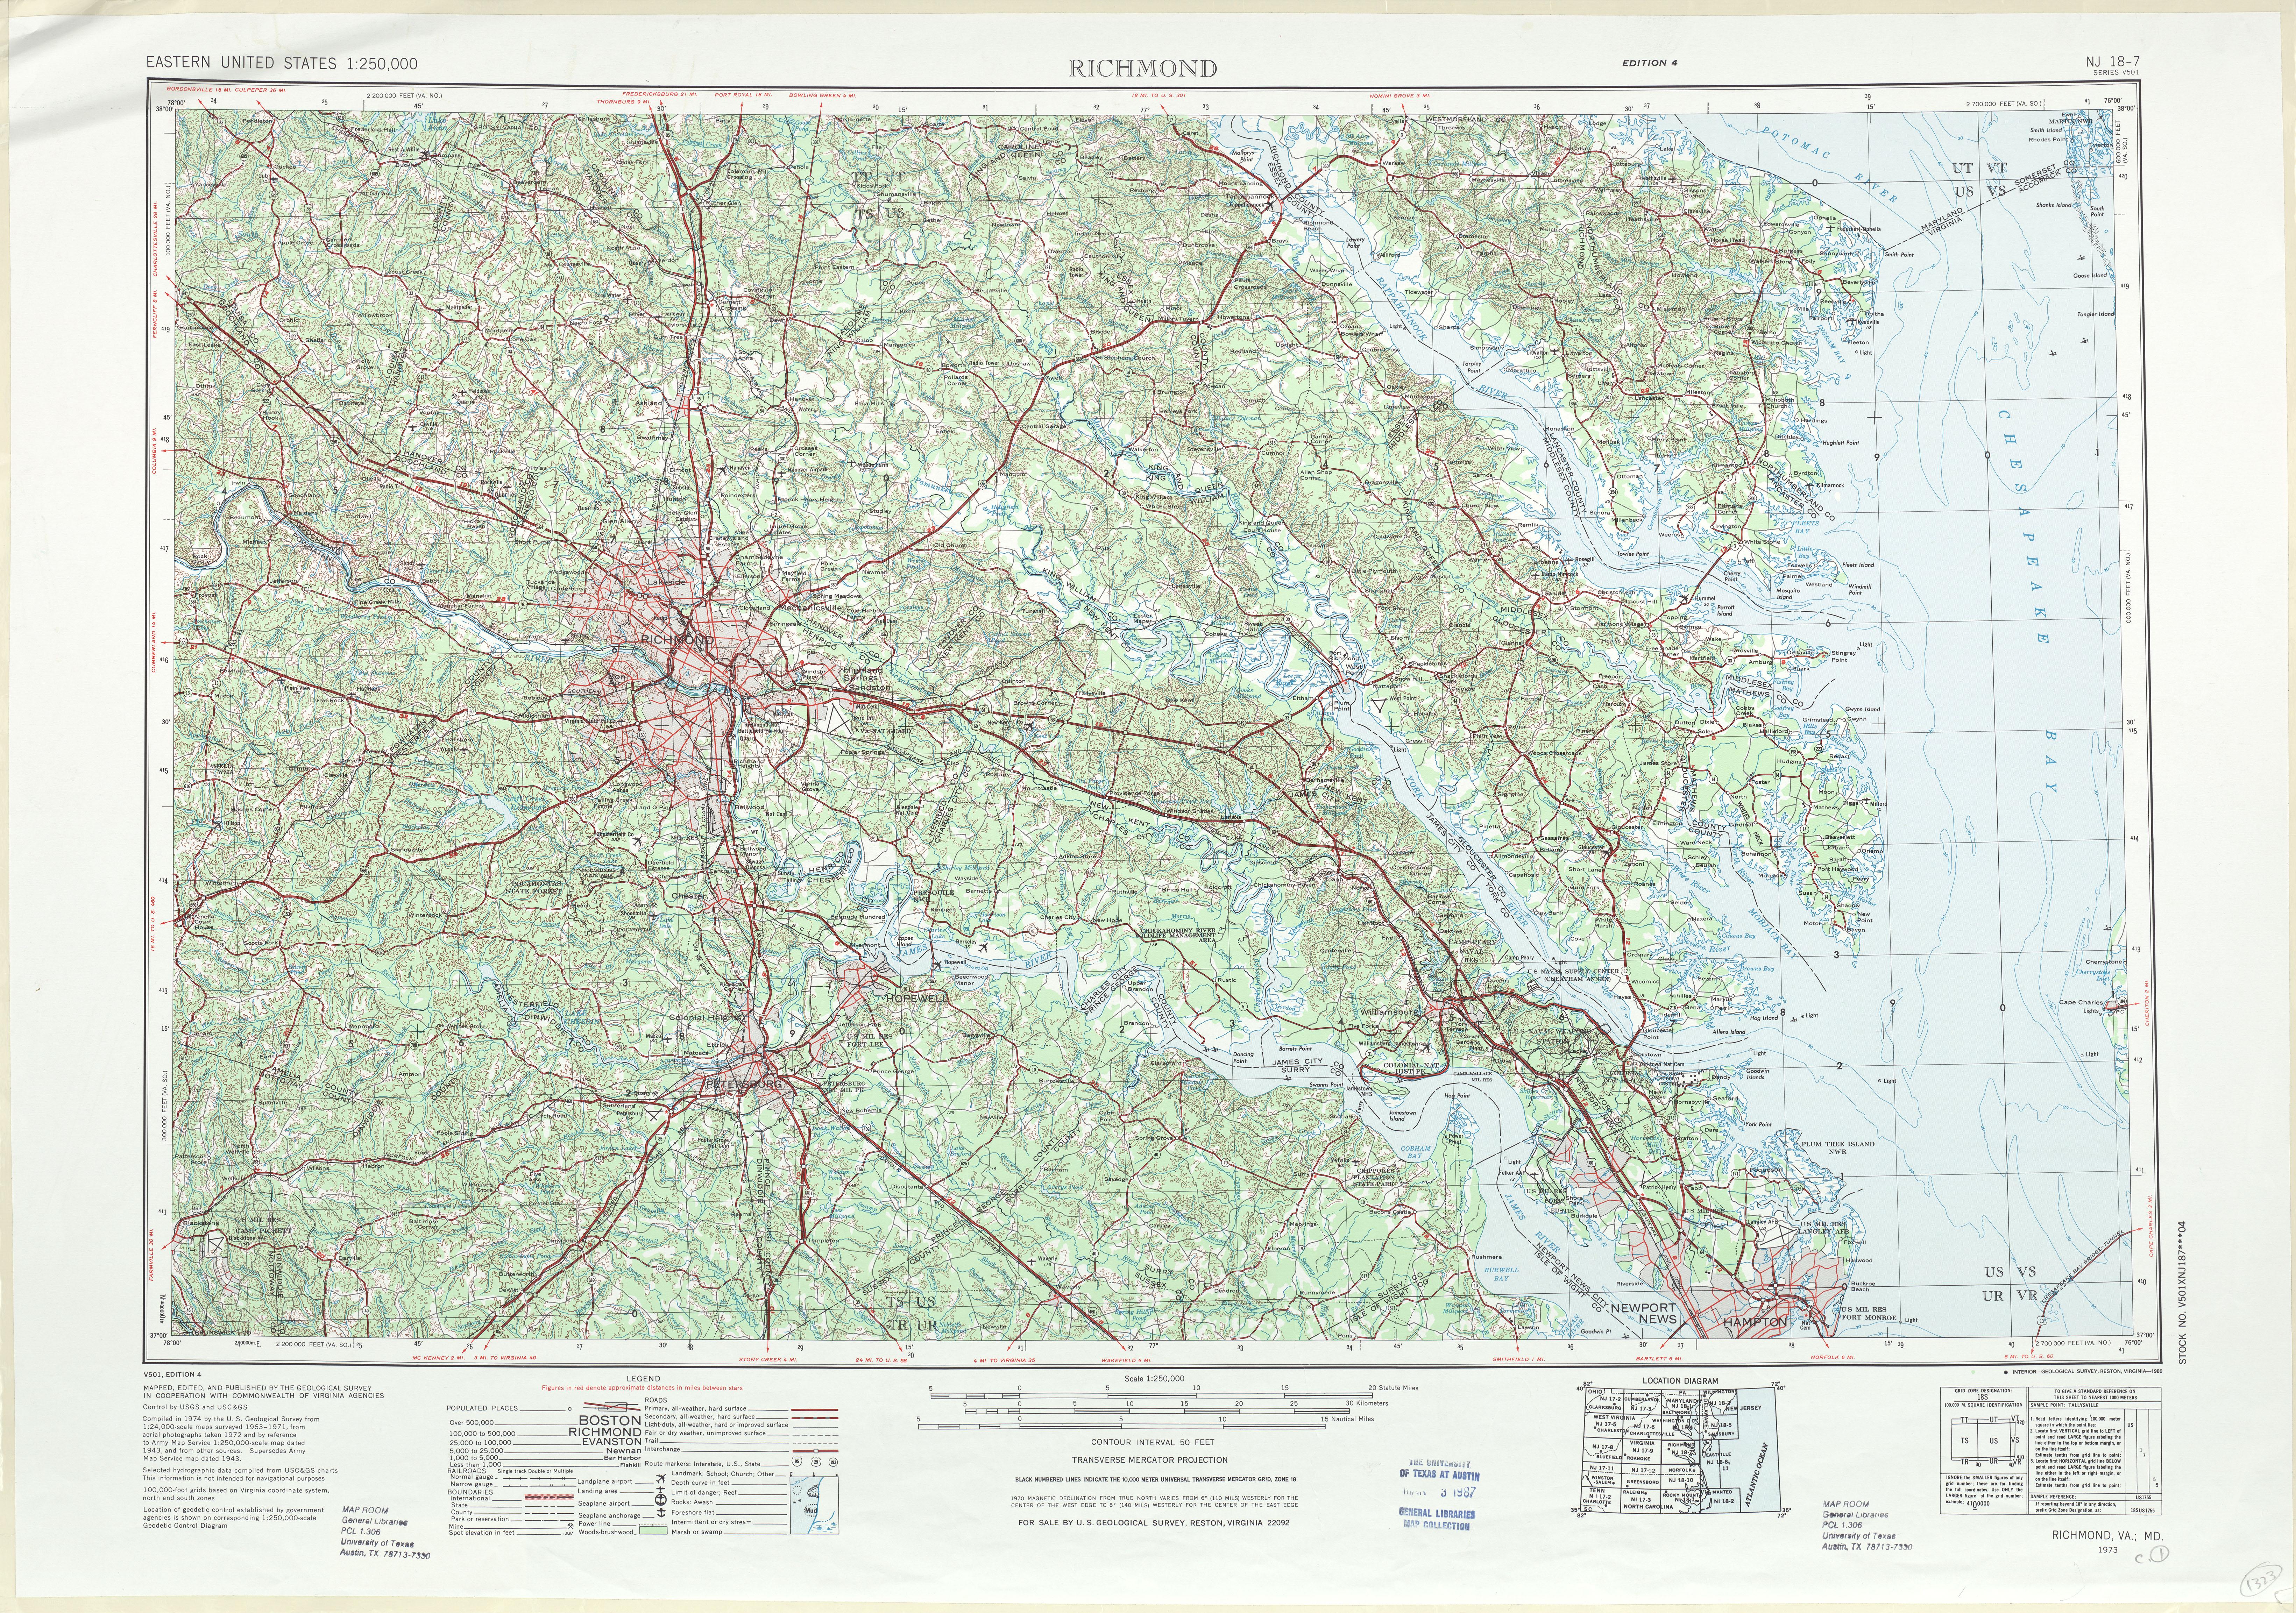 Hoja Richmond del Mapa Topográfico de los Estados Unidos 1972